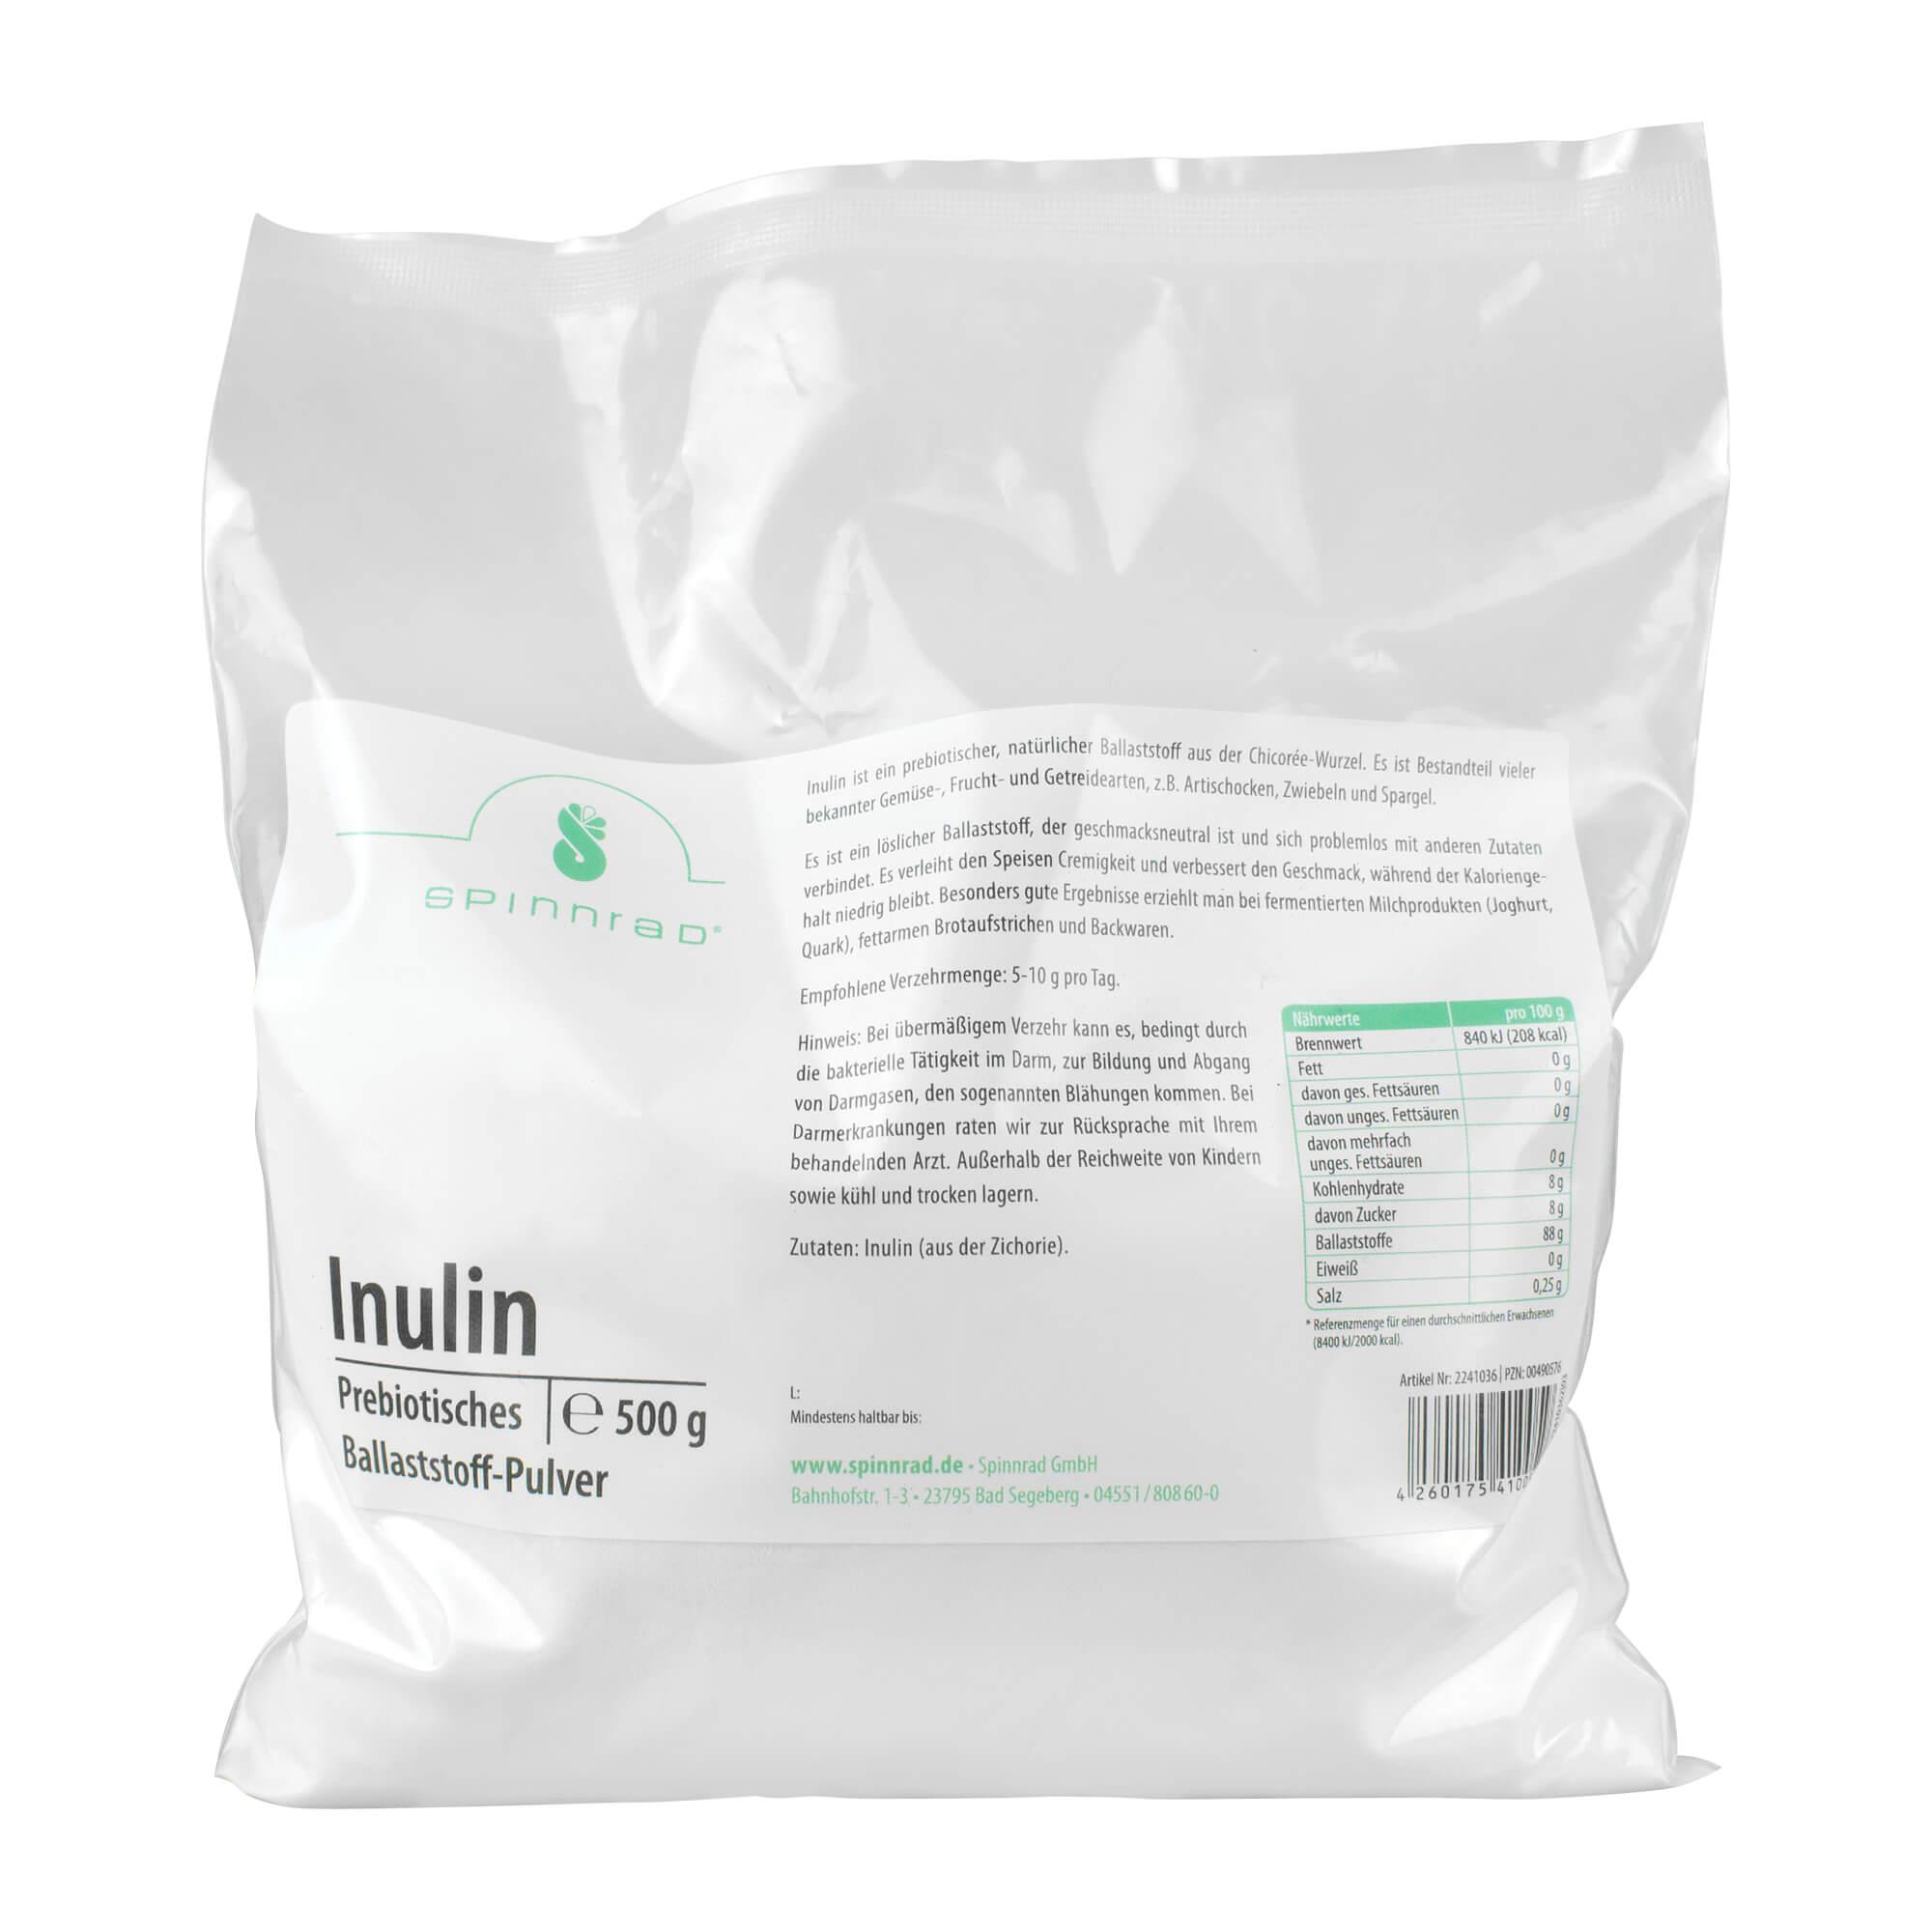 Inulin Prebiotisches Ballaststoff-Pulver